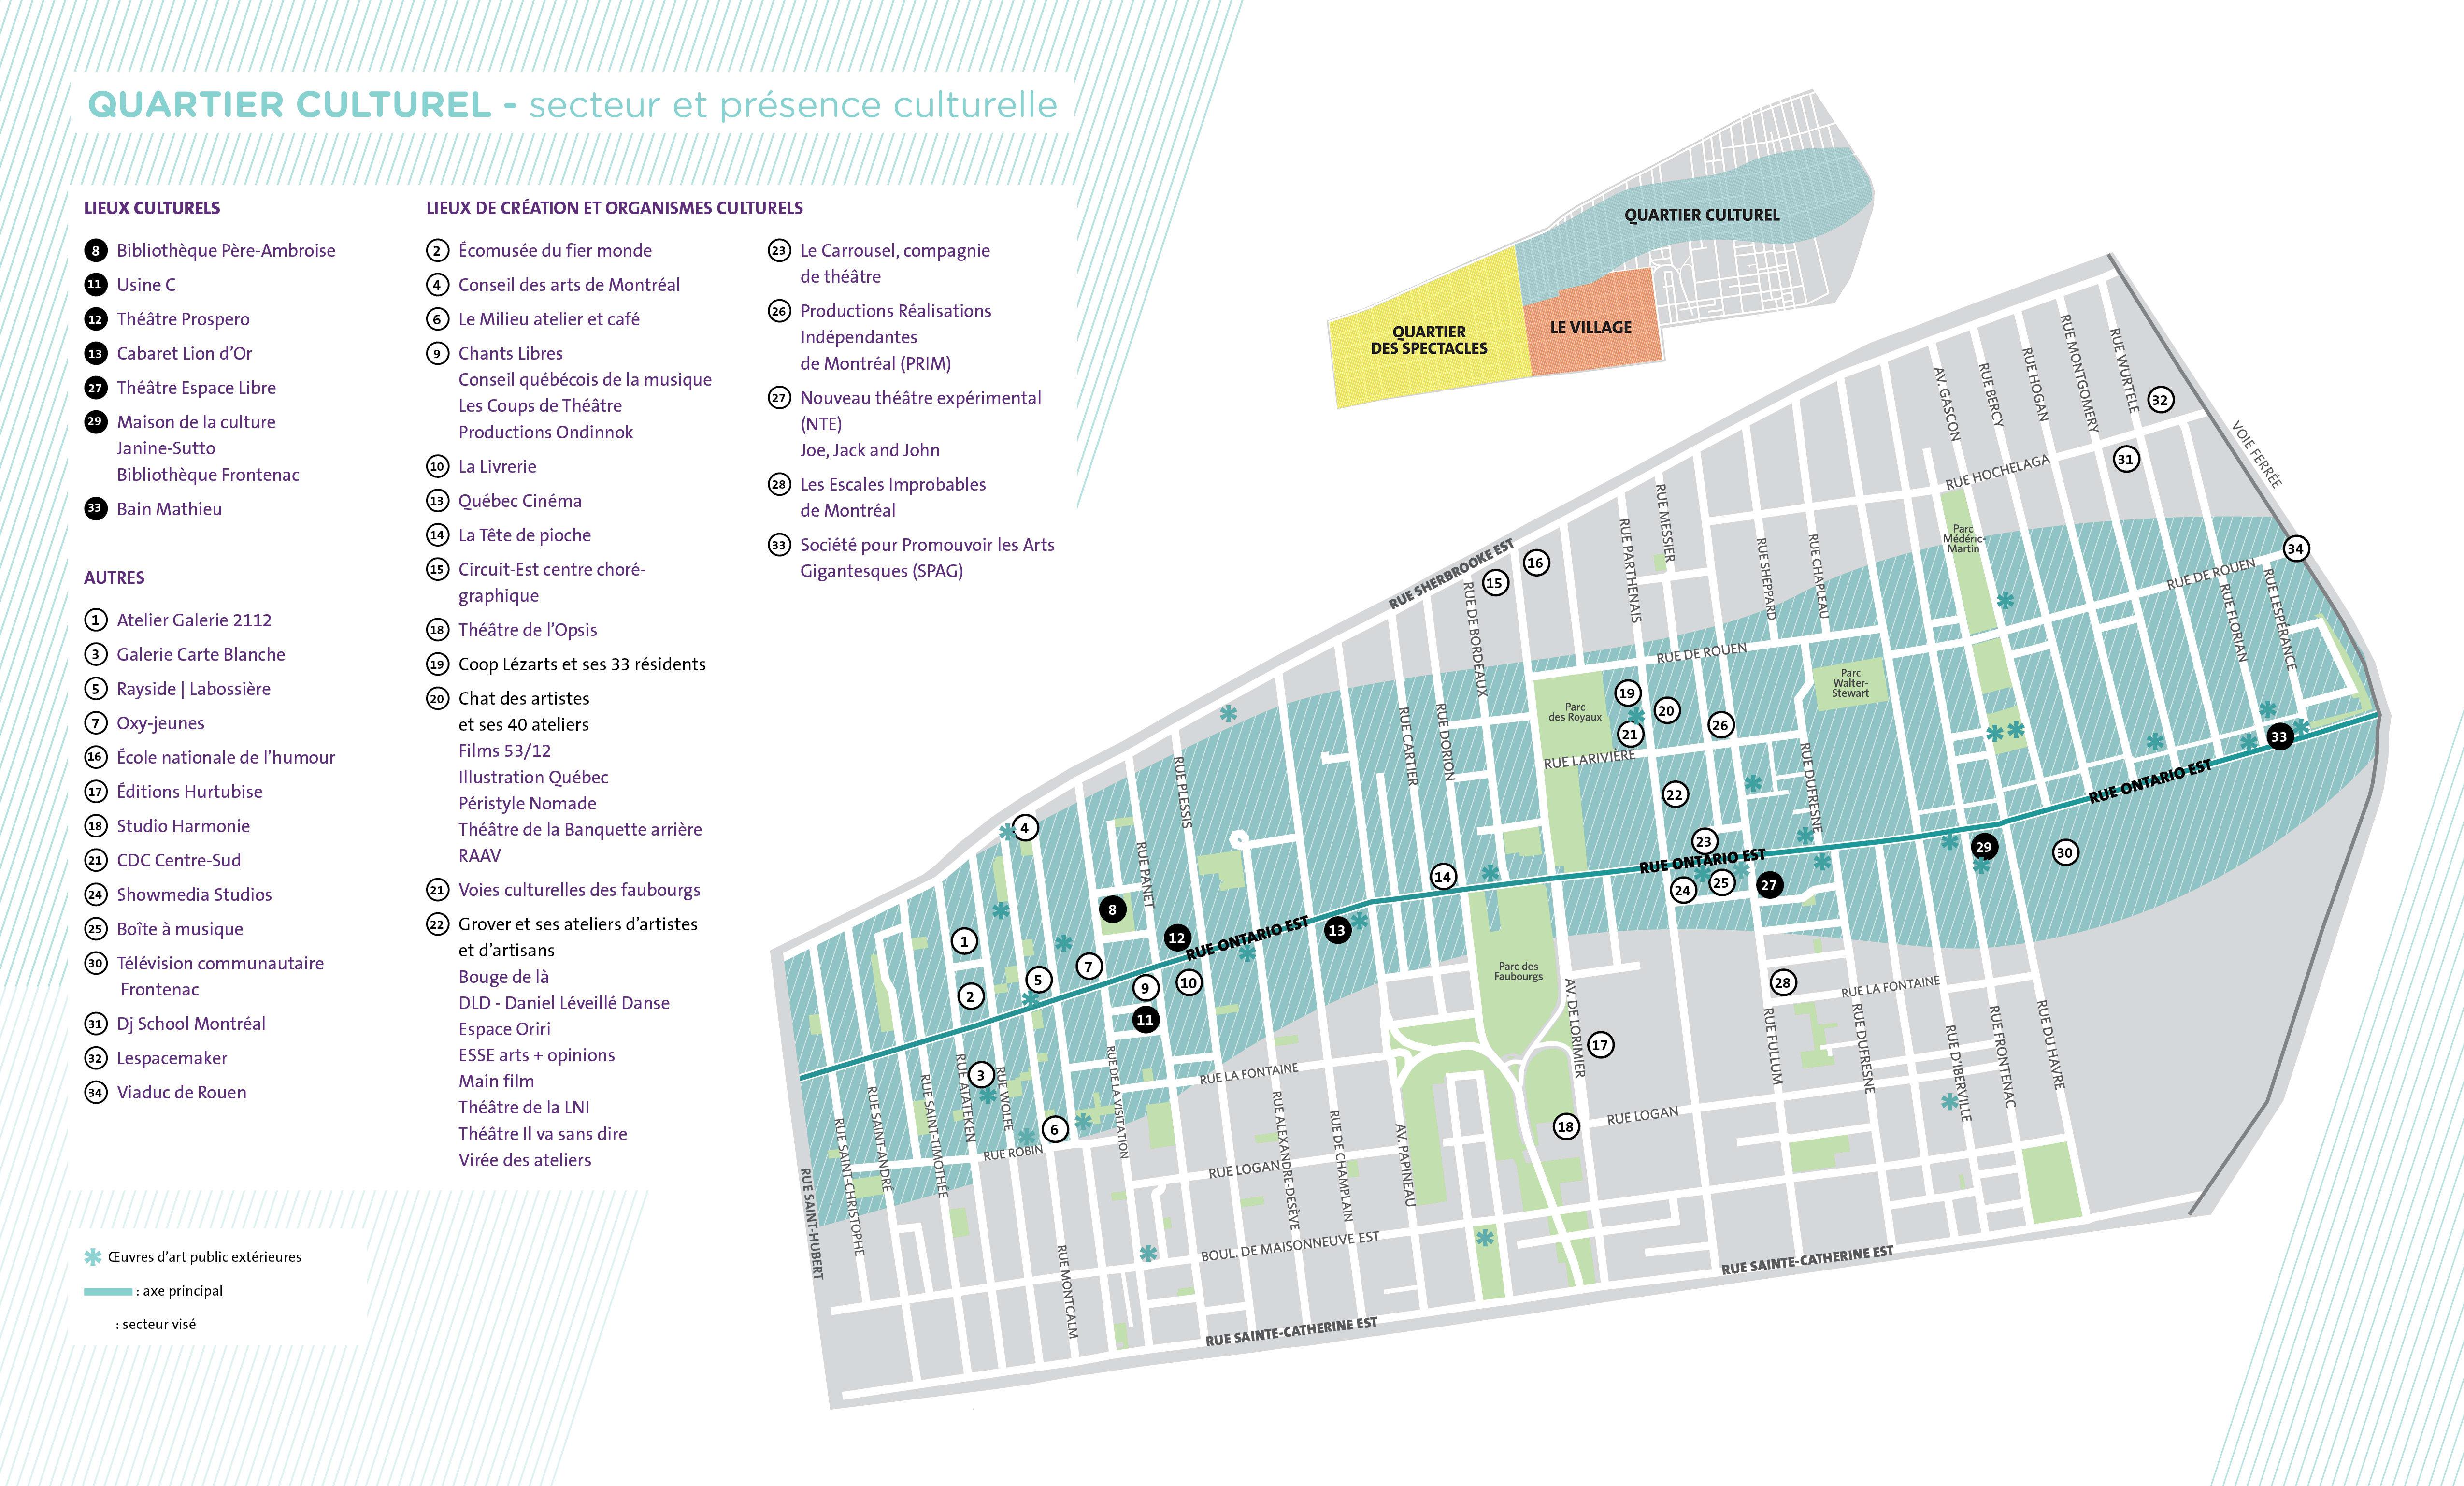 Carte du quarter culturel dans l'est de Ville-Marie